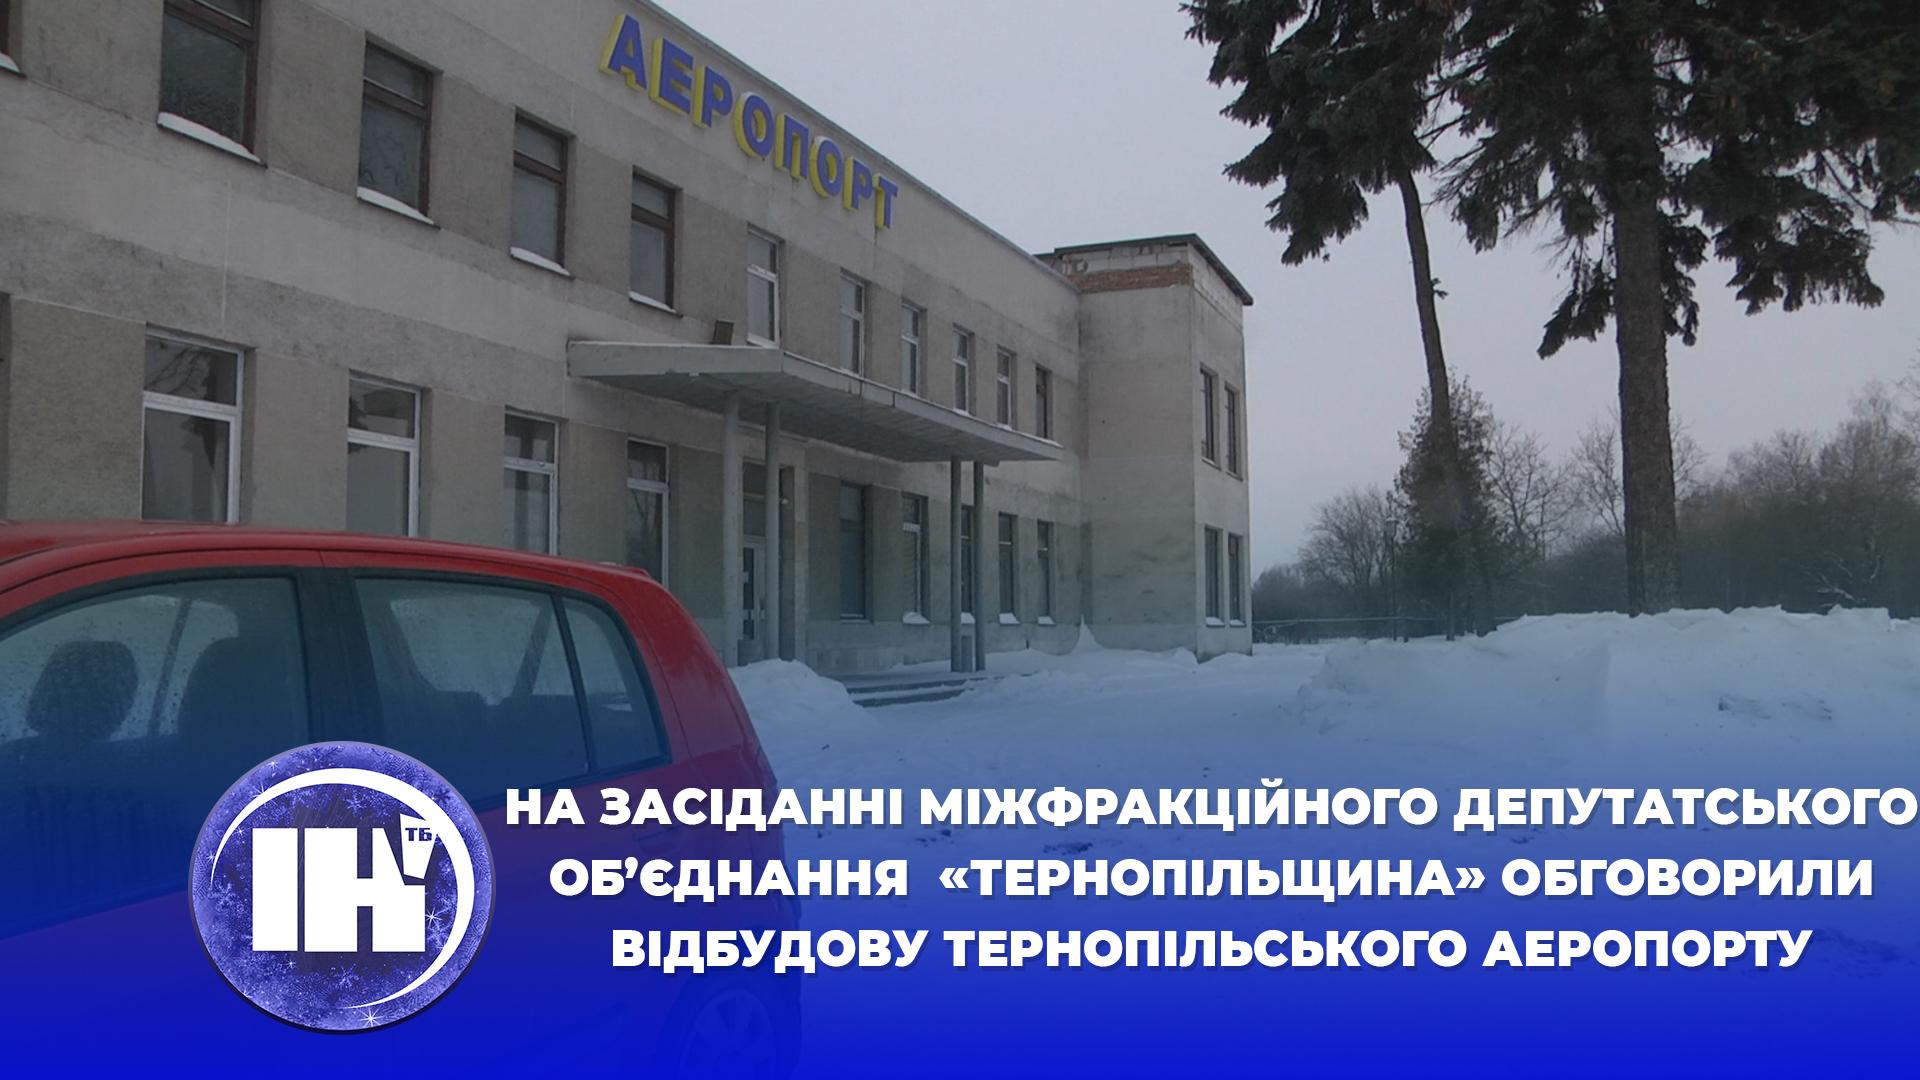 На засіданні міжфракційного депутатського об'єднання  «Тернопільщина» обговорили відбудову тернопільського аеропорту